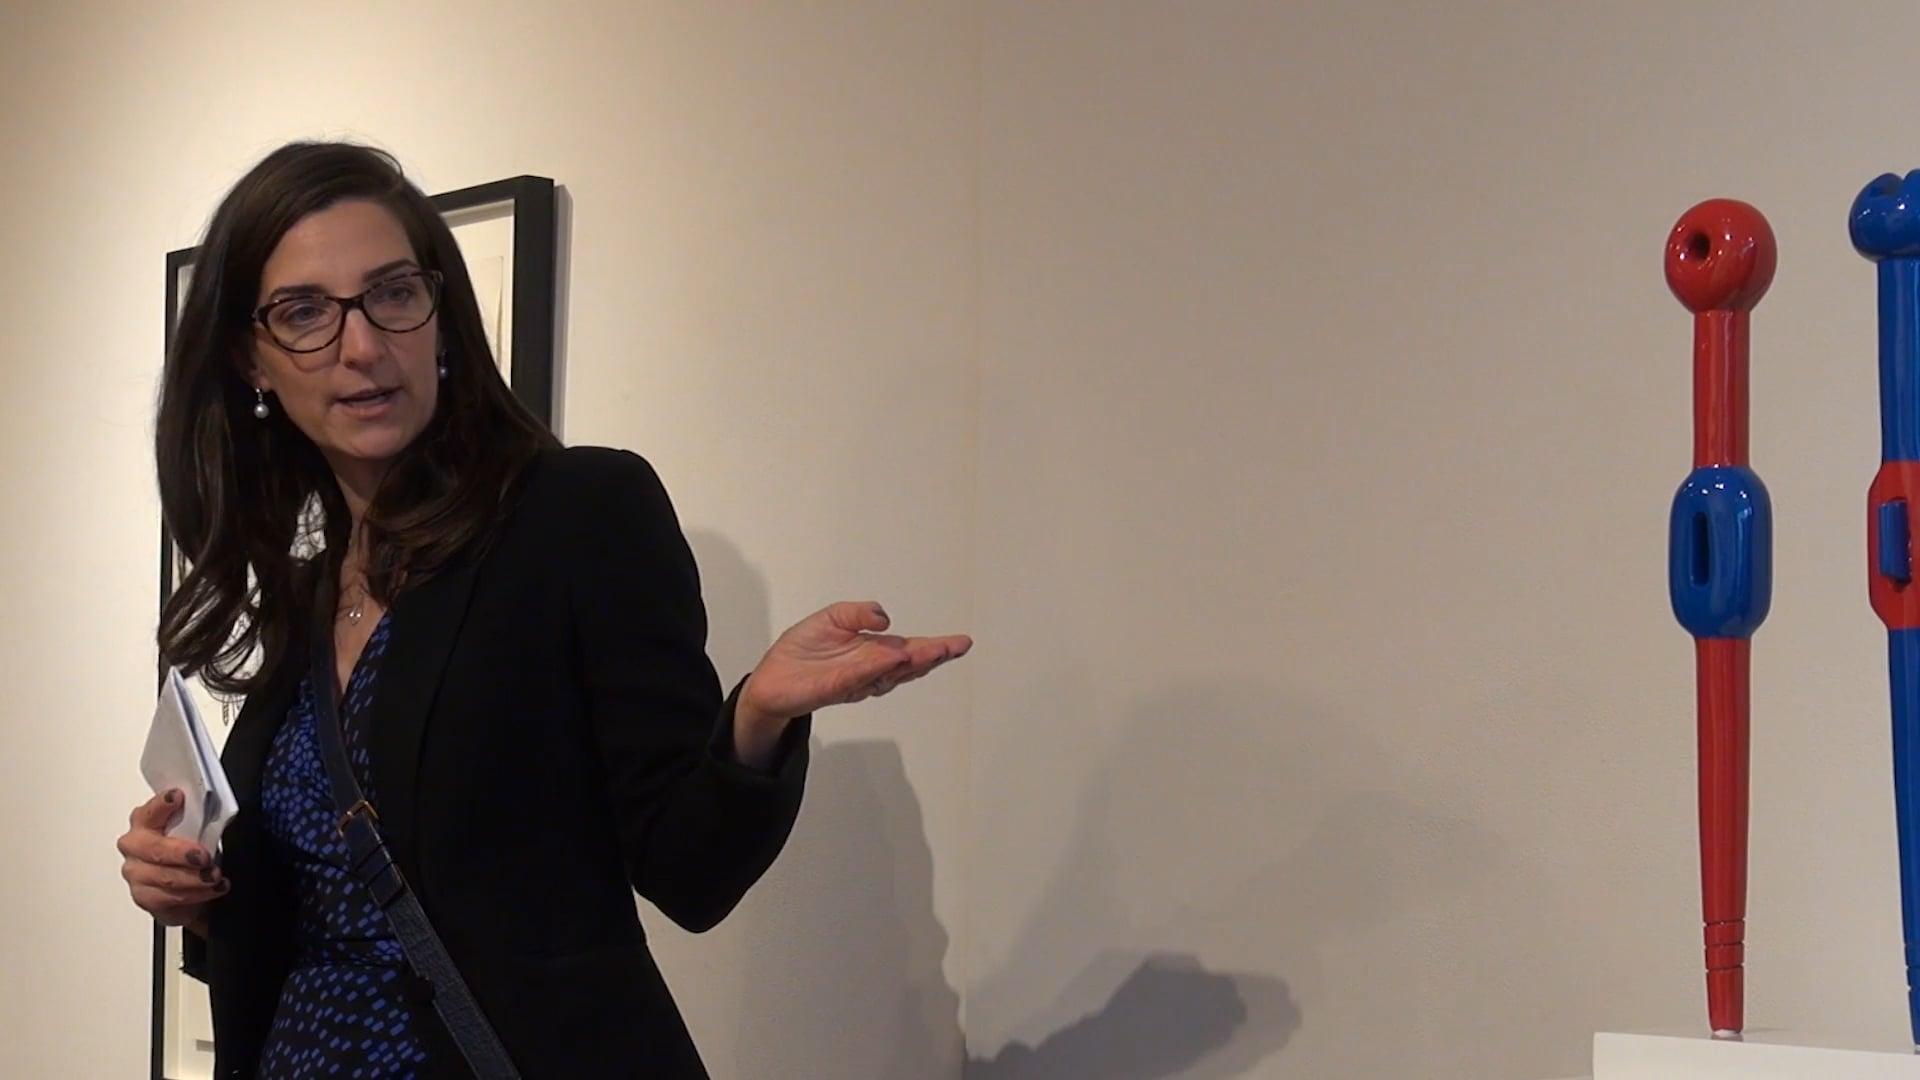 BEC Lecture Series - Dr. Alma Mikulinsky on Sorel Etrog